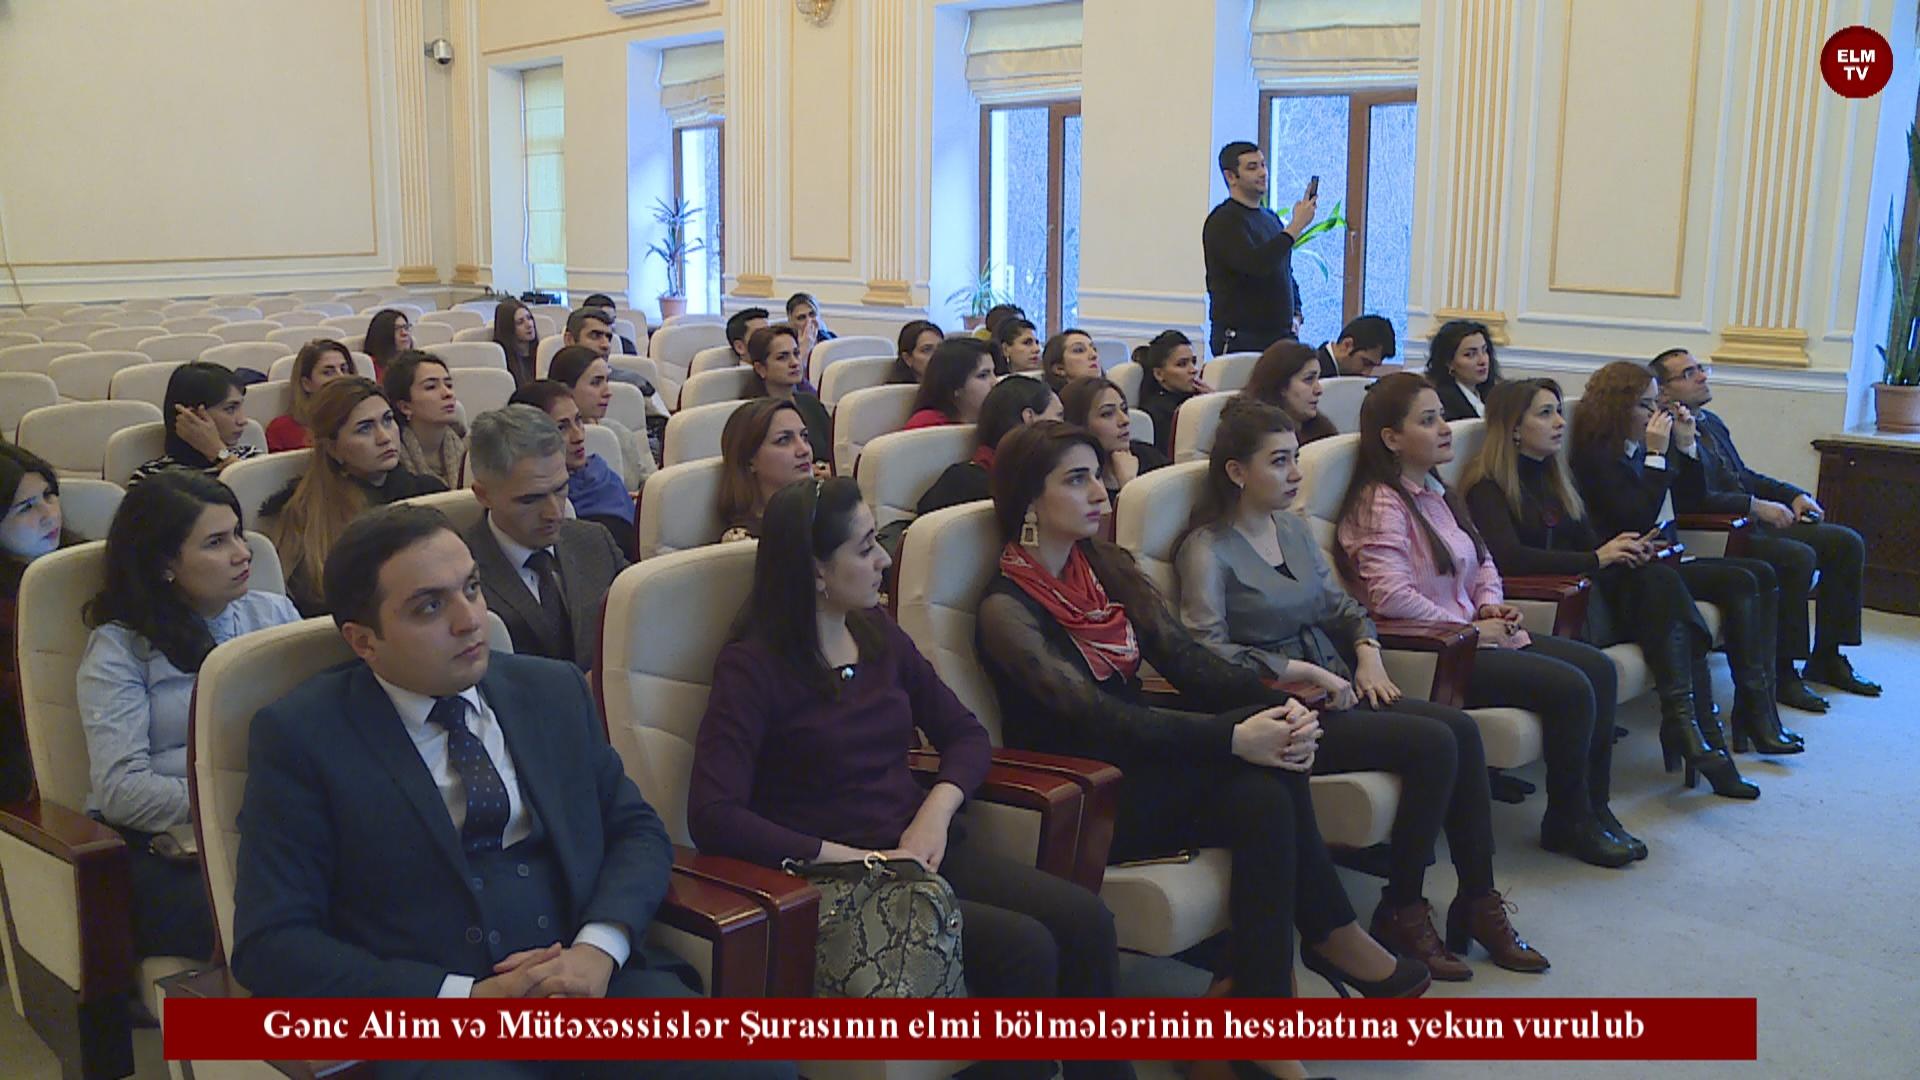 Gənc Alim və Mütəxəssislər Şurasının elmi bölmələrinin hesabatına yekun vurulub